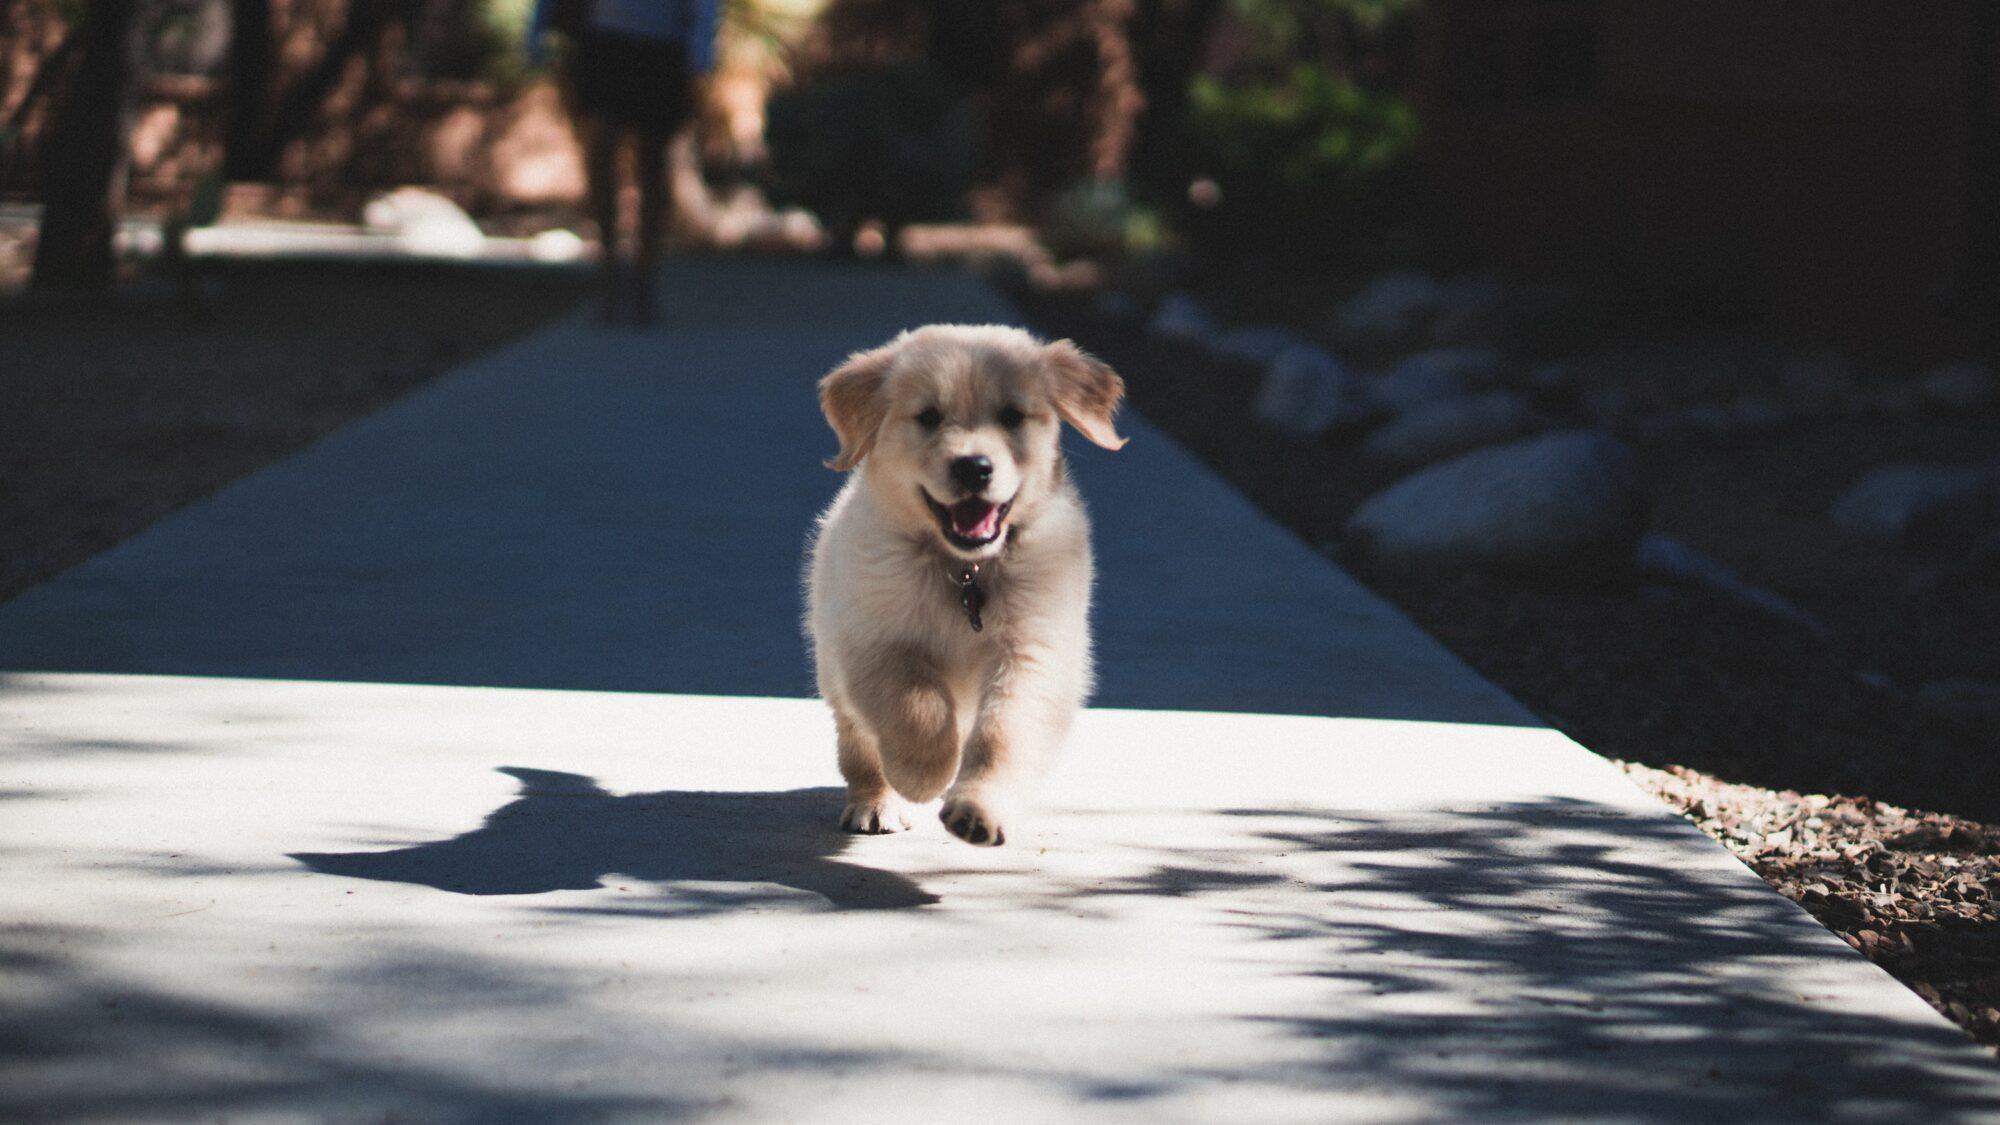 Ønsker du også kun det bedste af det bedste for din hund?